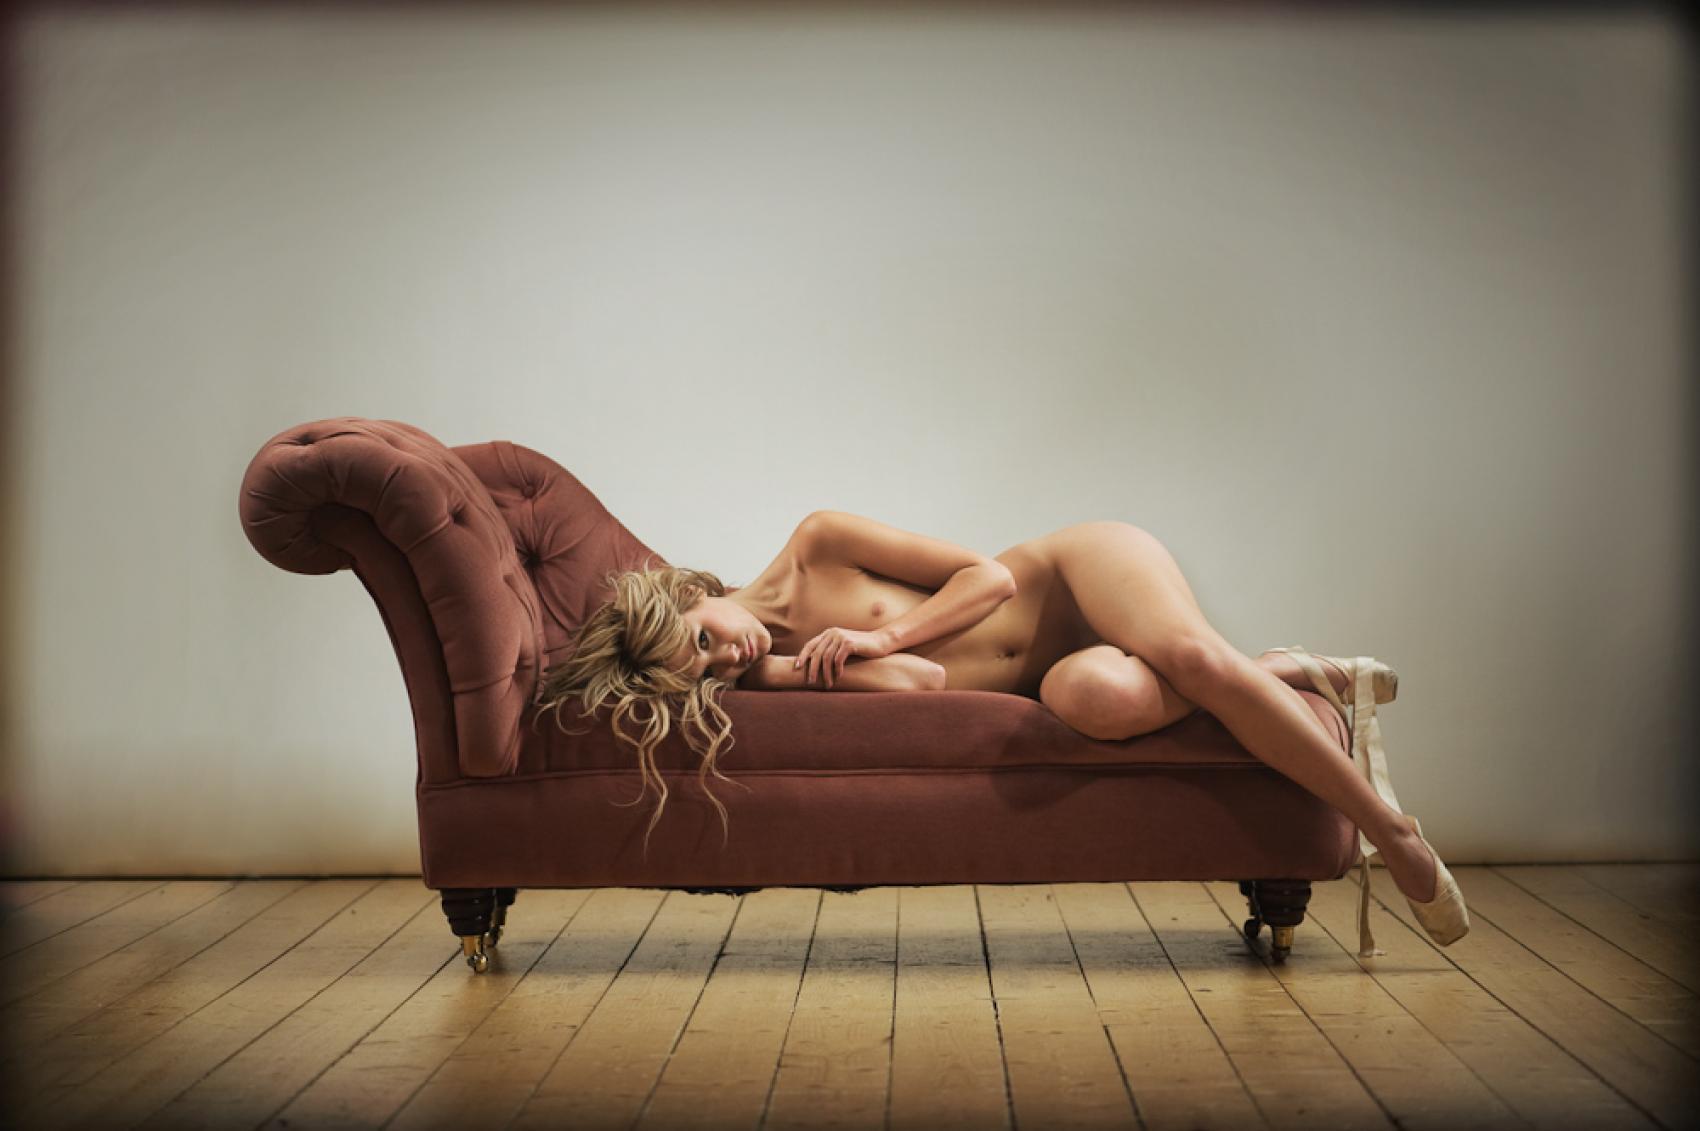 Resting Ballerina 3 - Art Pistol